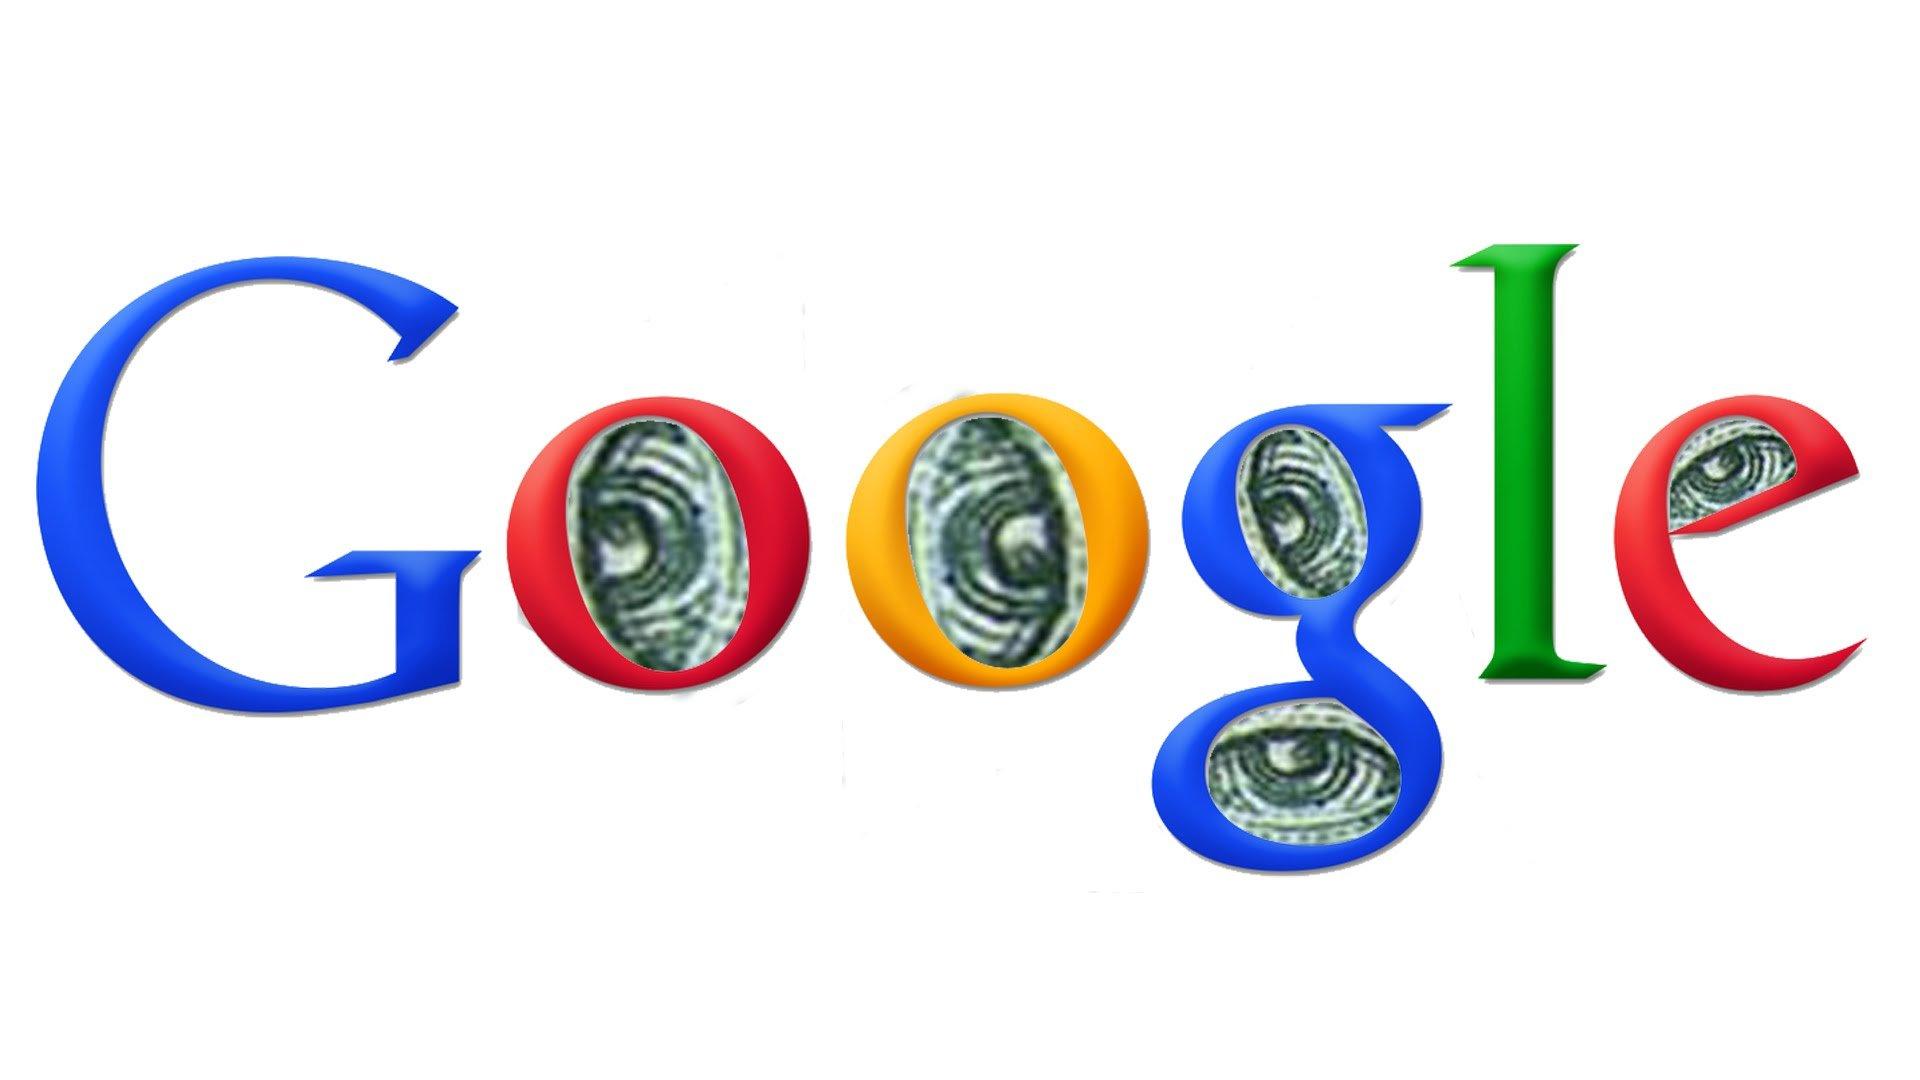 Власти США хотят заставить Google продать поисковик Сhrome и часть рекламного бизнеса